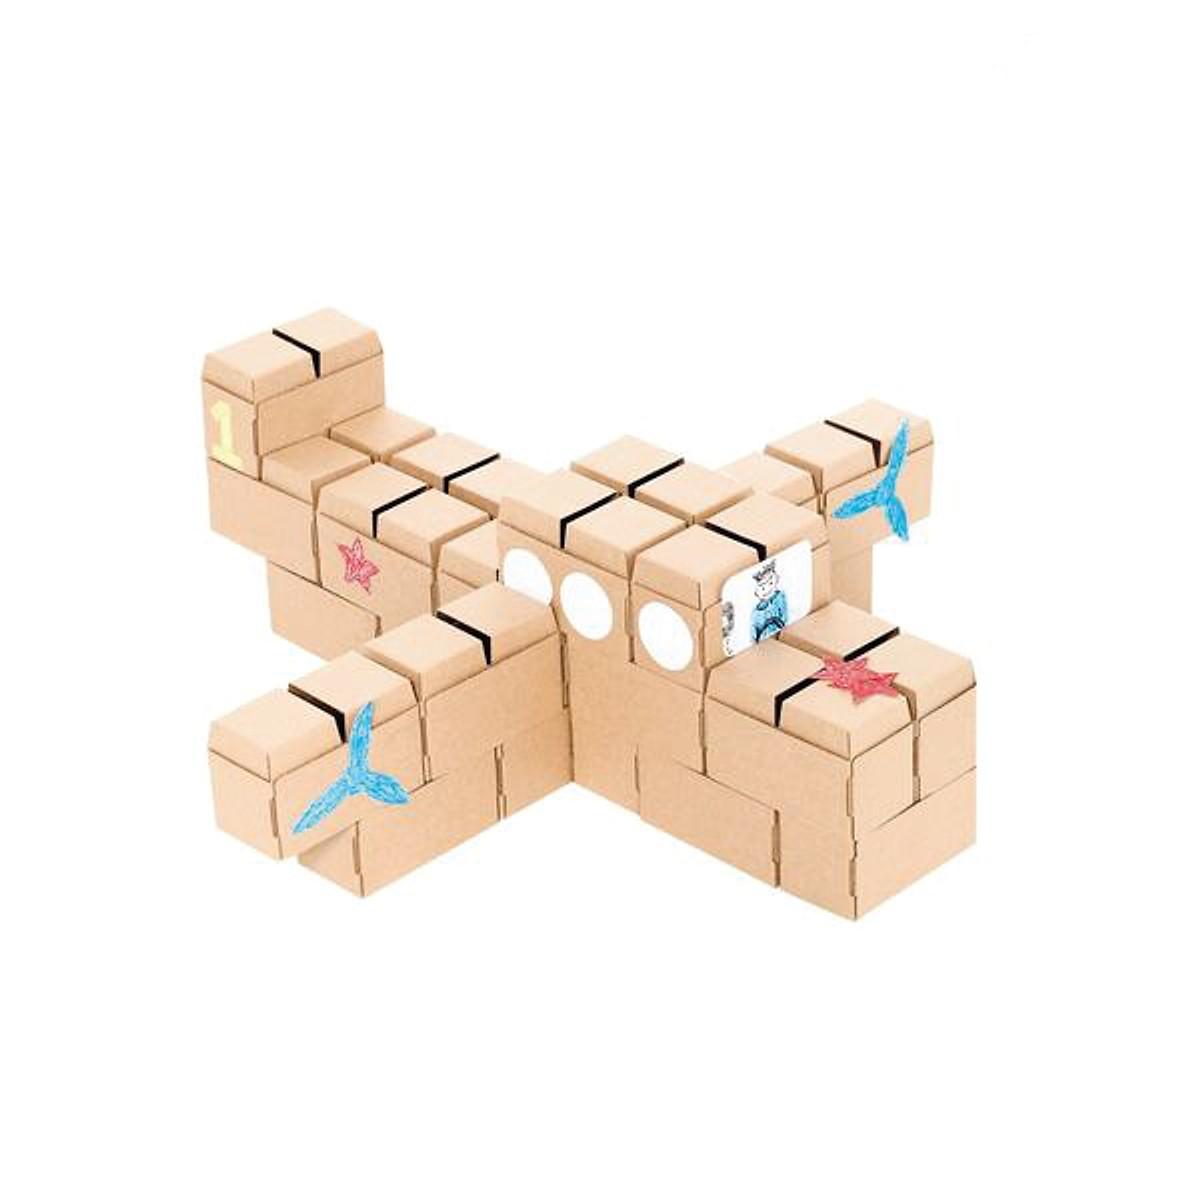 Bộ đồ chơi lắp ghép sáng tạo: Tokid Blocks